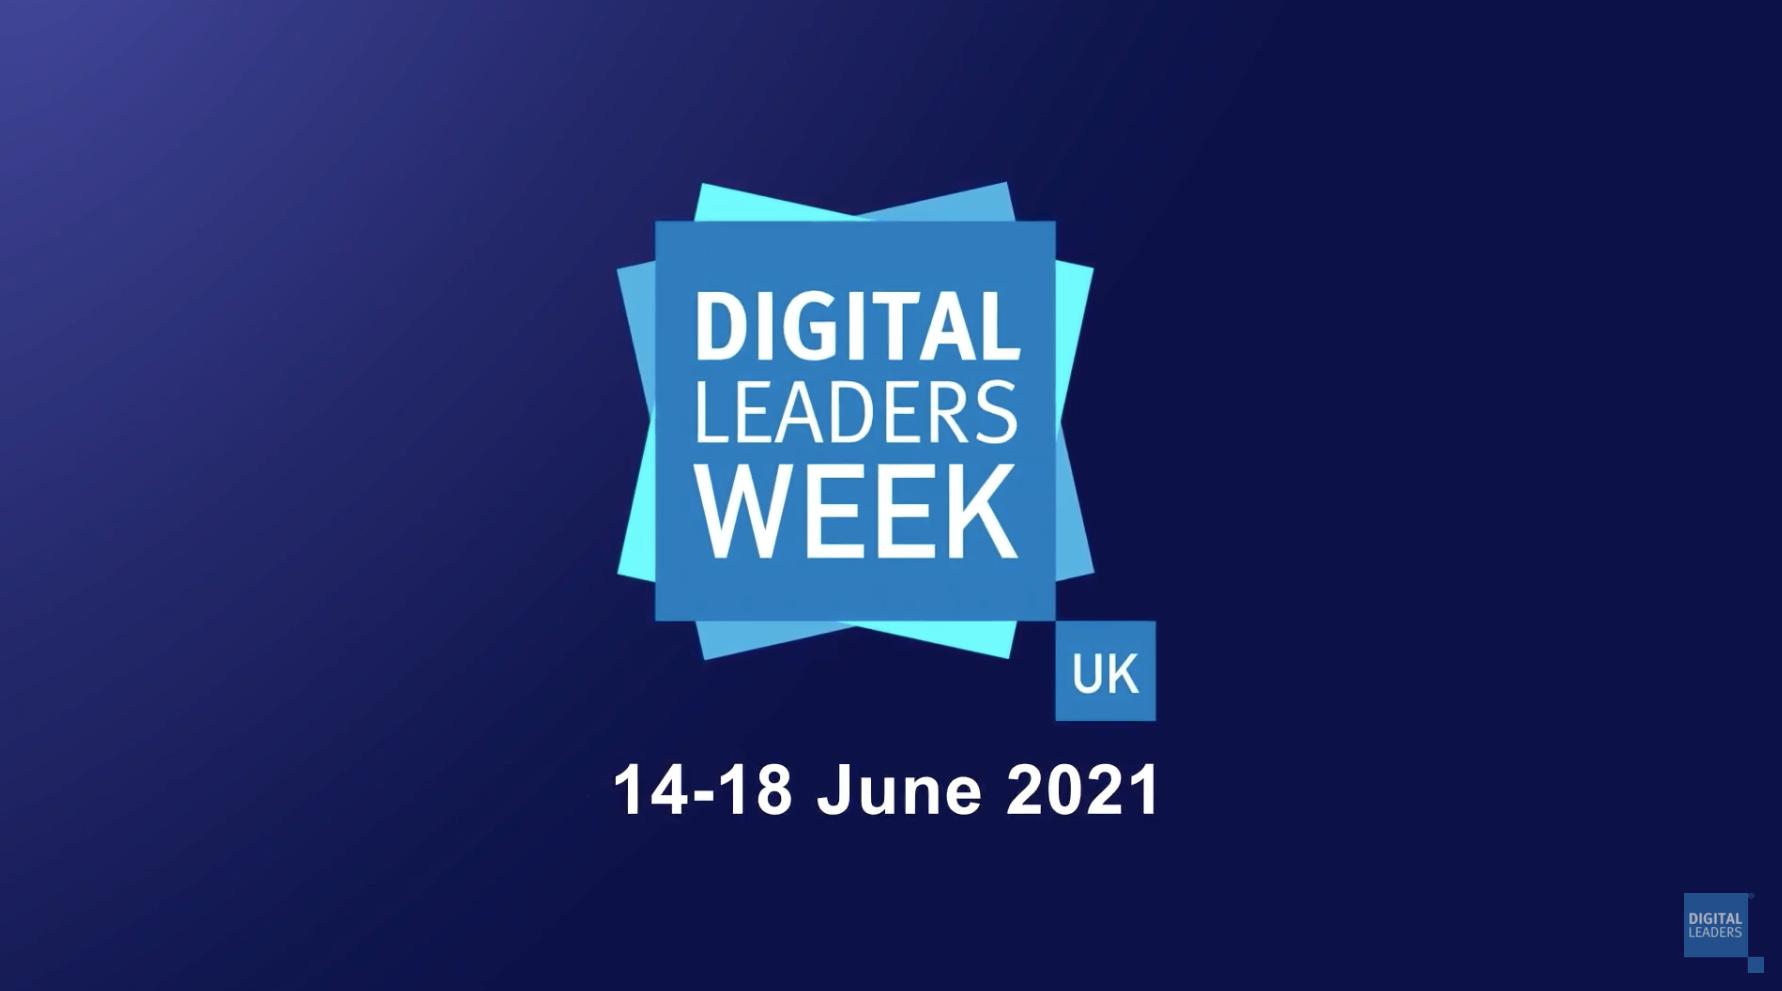 digital-leaders-week-2021